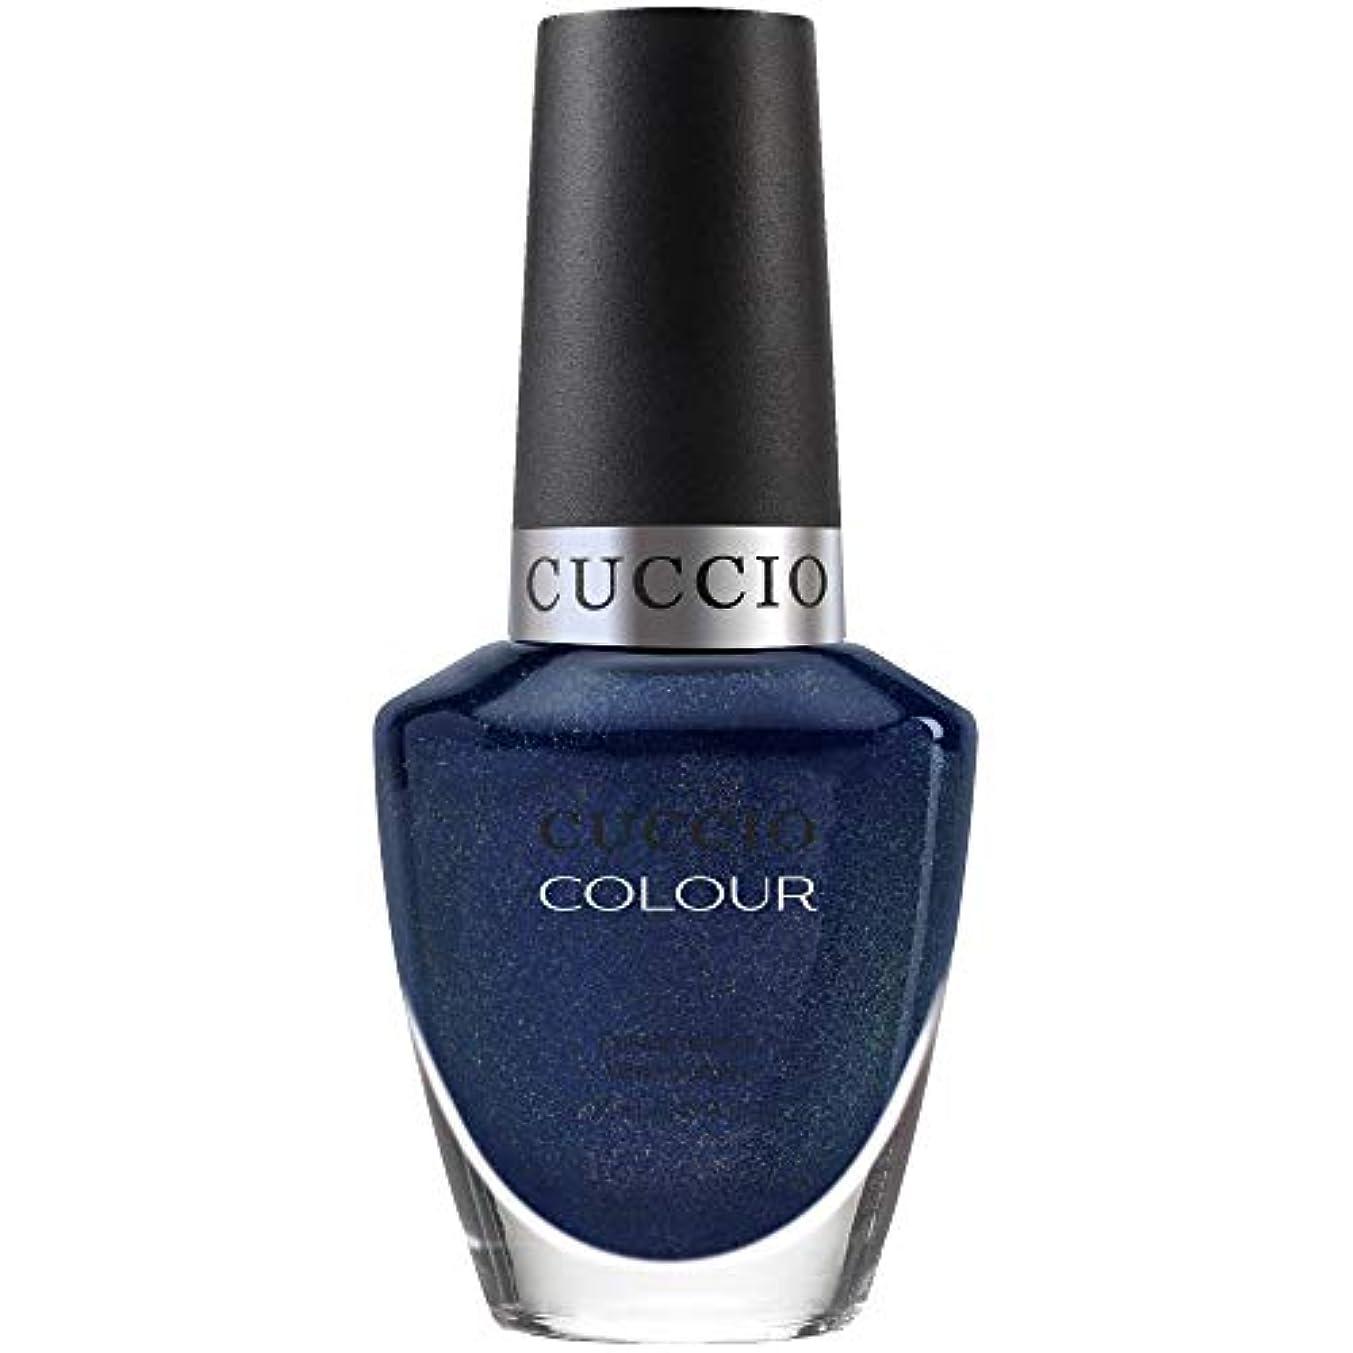 自動的に知覚できる罰Cuccio Colour Gloss Lacquer - Dancing Queen - 0.43oz / 13ml